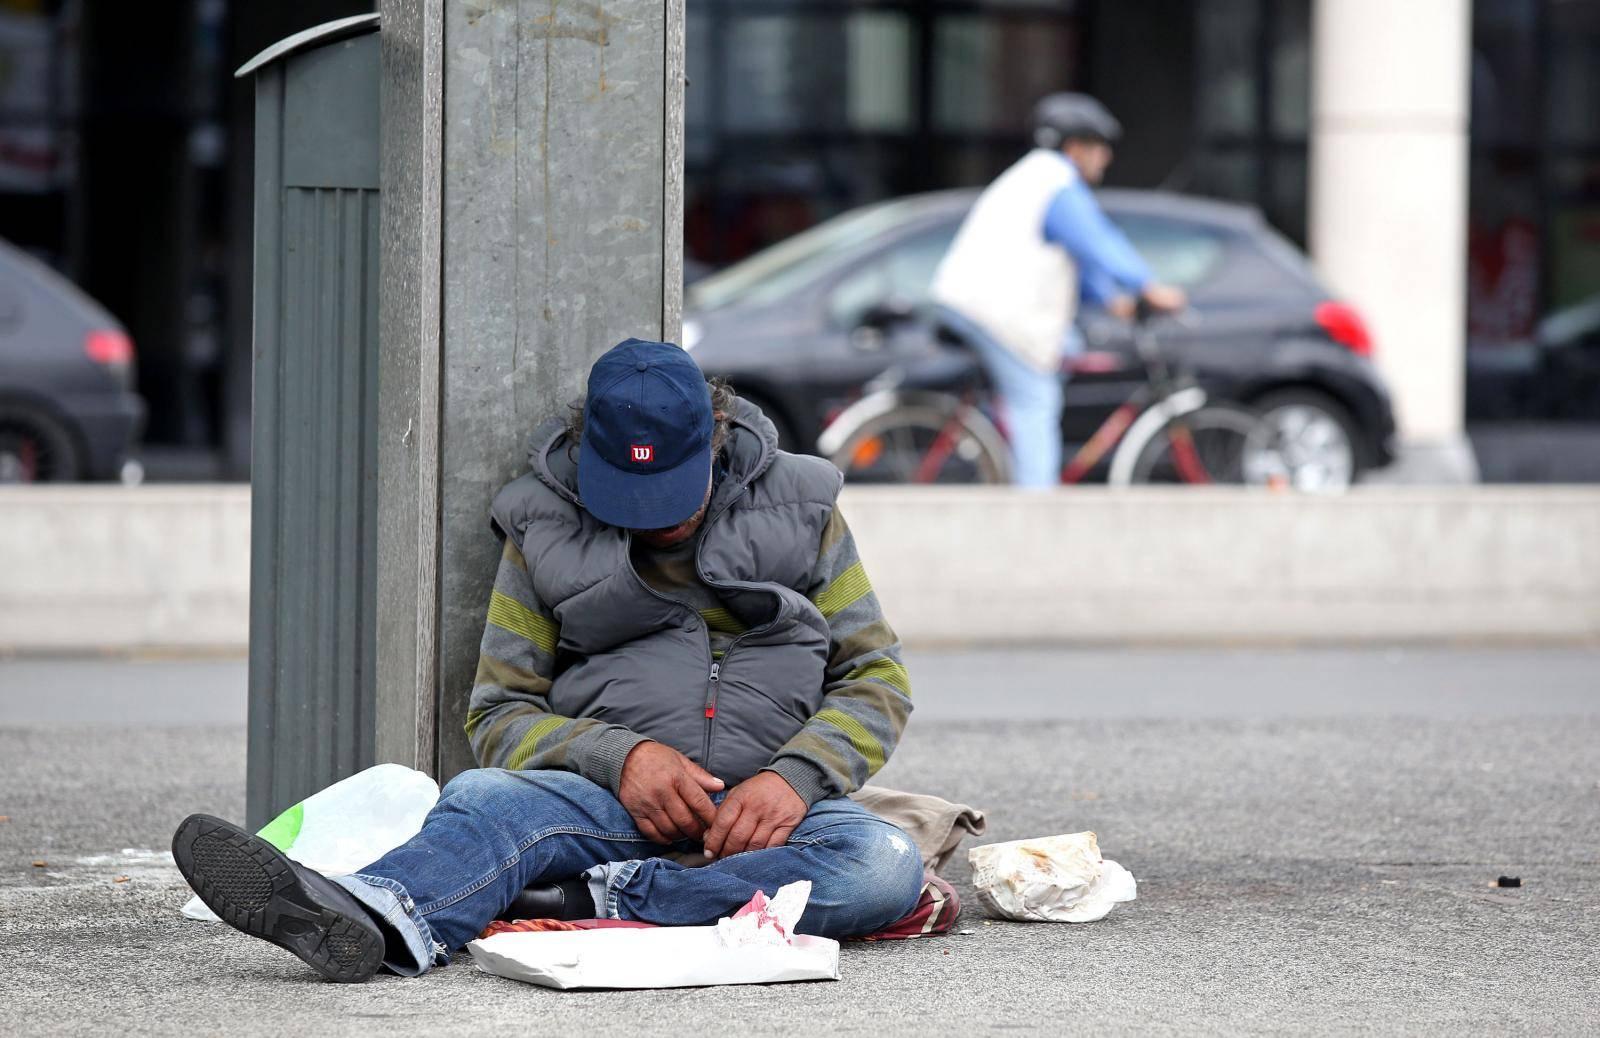 Beskućnici bez vode i sapuna: 'Kamo da pođu takvi sada?'